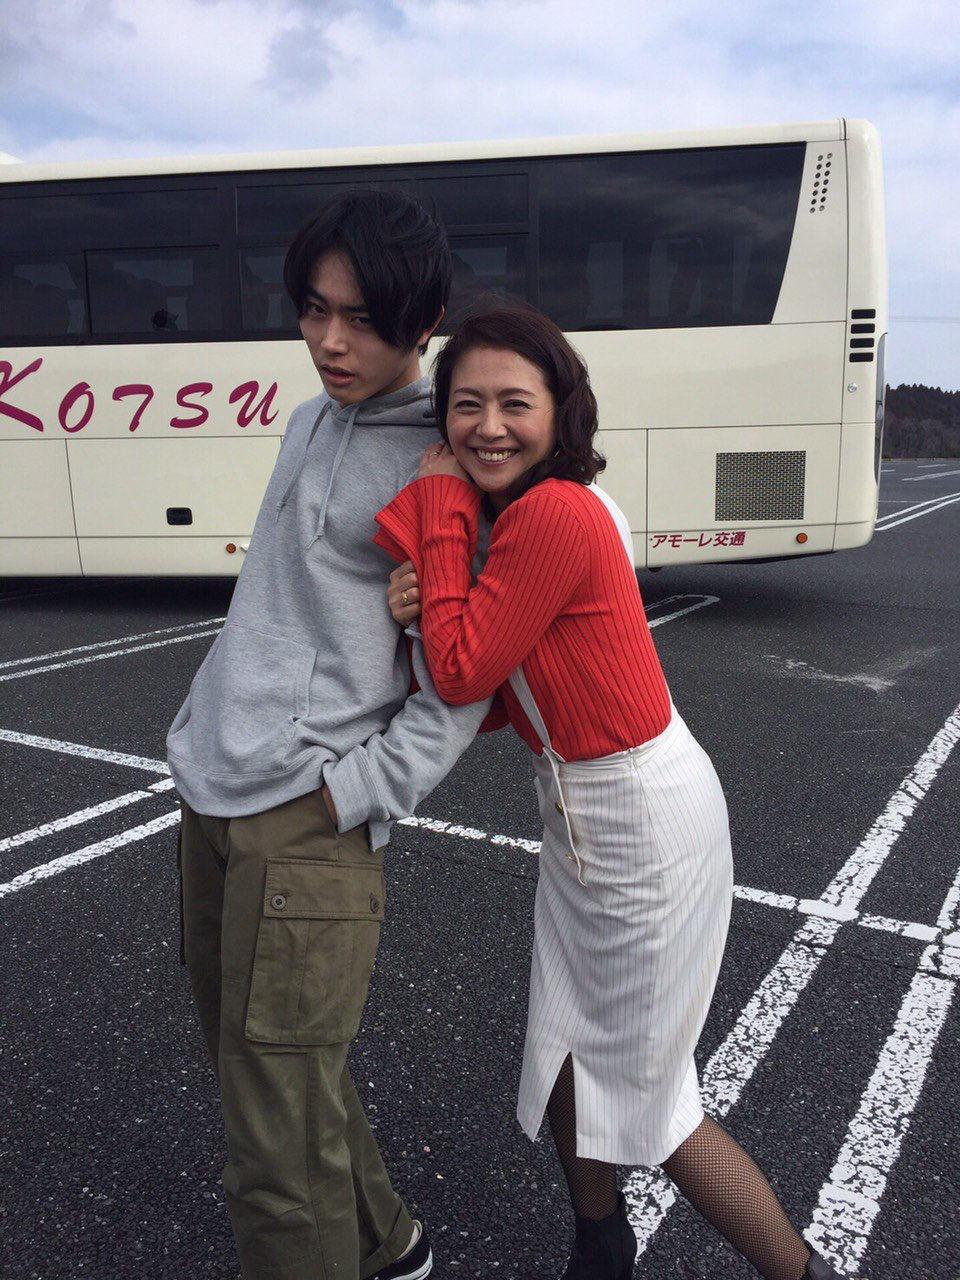 【エンタメ画像】【画像あり】小泉今日子さん、若いイケメンに噴射する